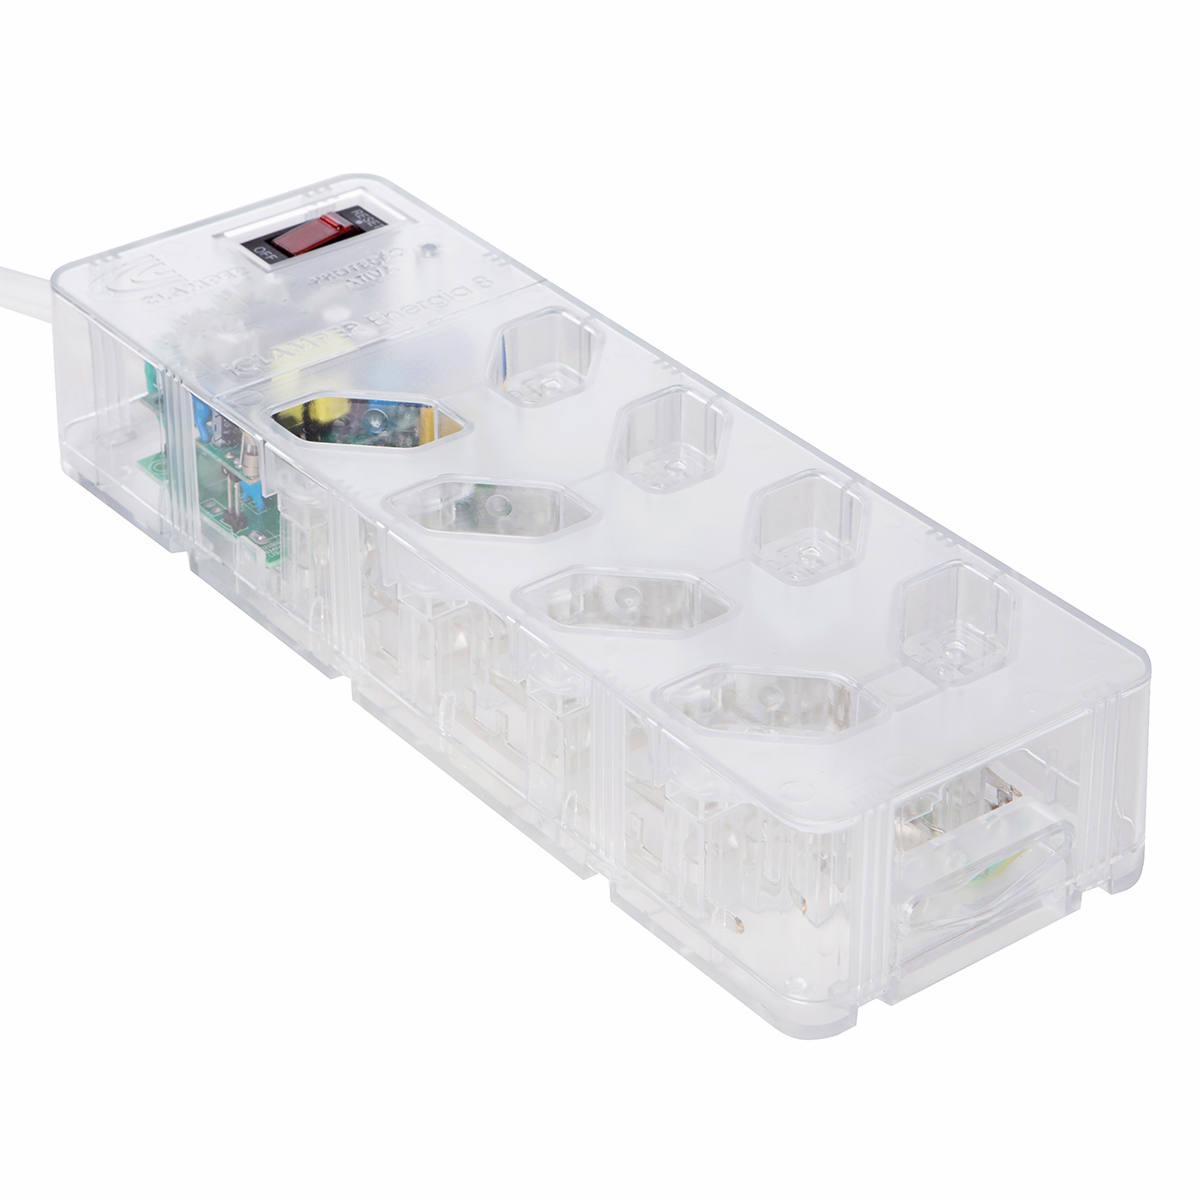 DPS Clamper + Filtro de Linha Bivolt 8 Tomadas Proteção Total contra Surtos iClamper Energia 8 Transparente